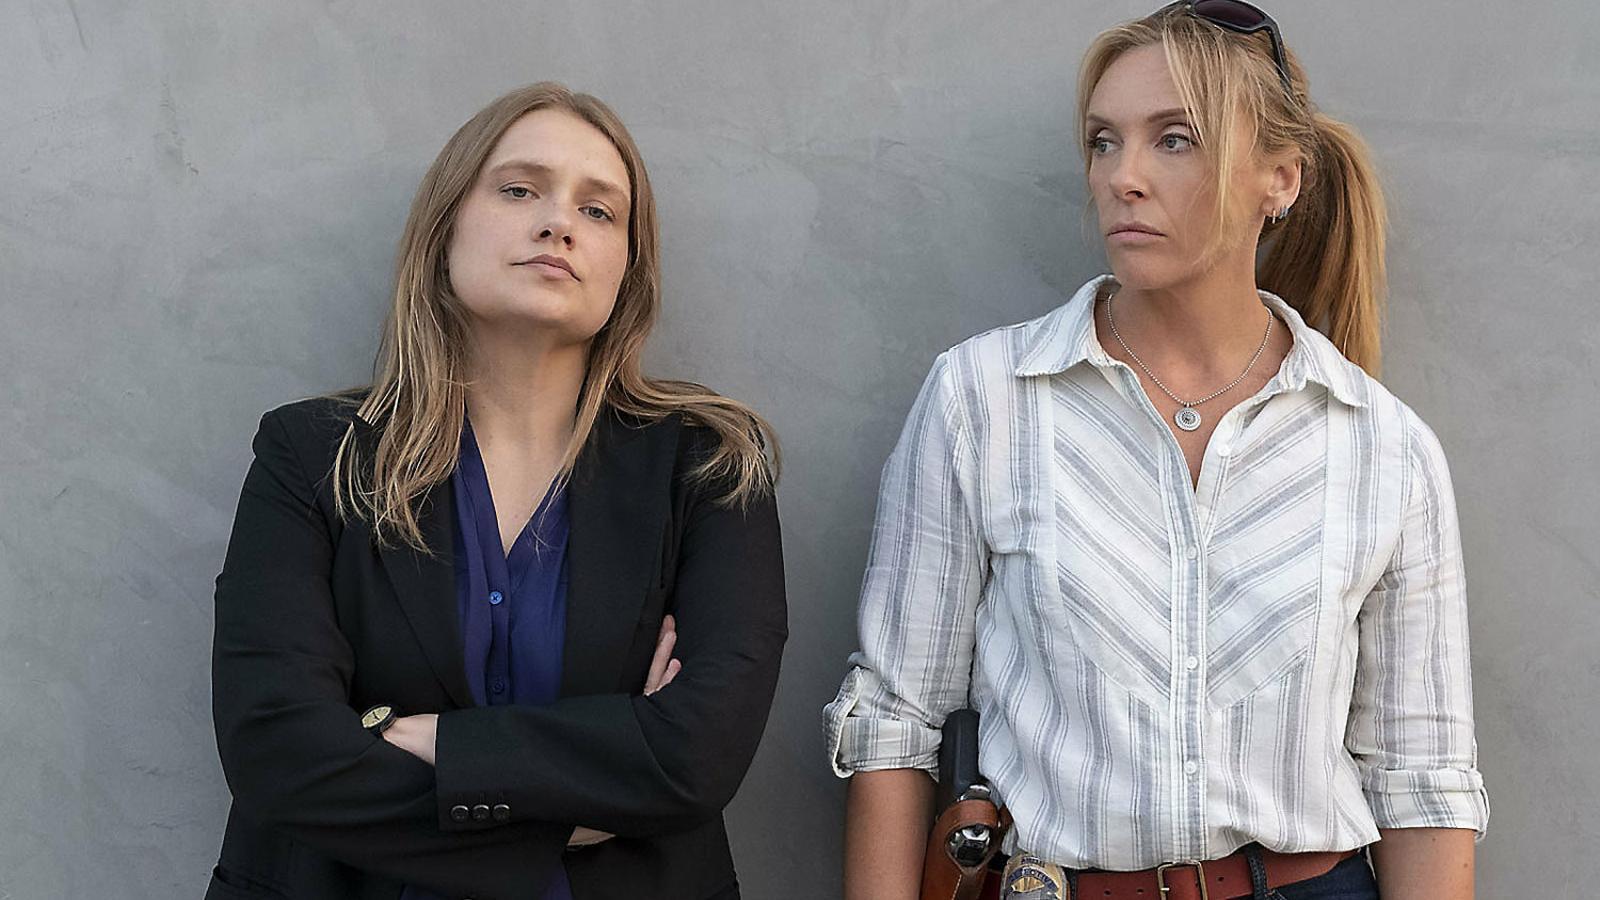 Merritt Wever i Toni Collette interpreten dues polices a la sèrie Creedme (Unbelievable).